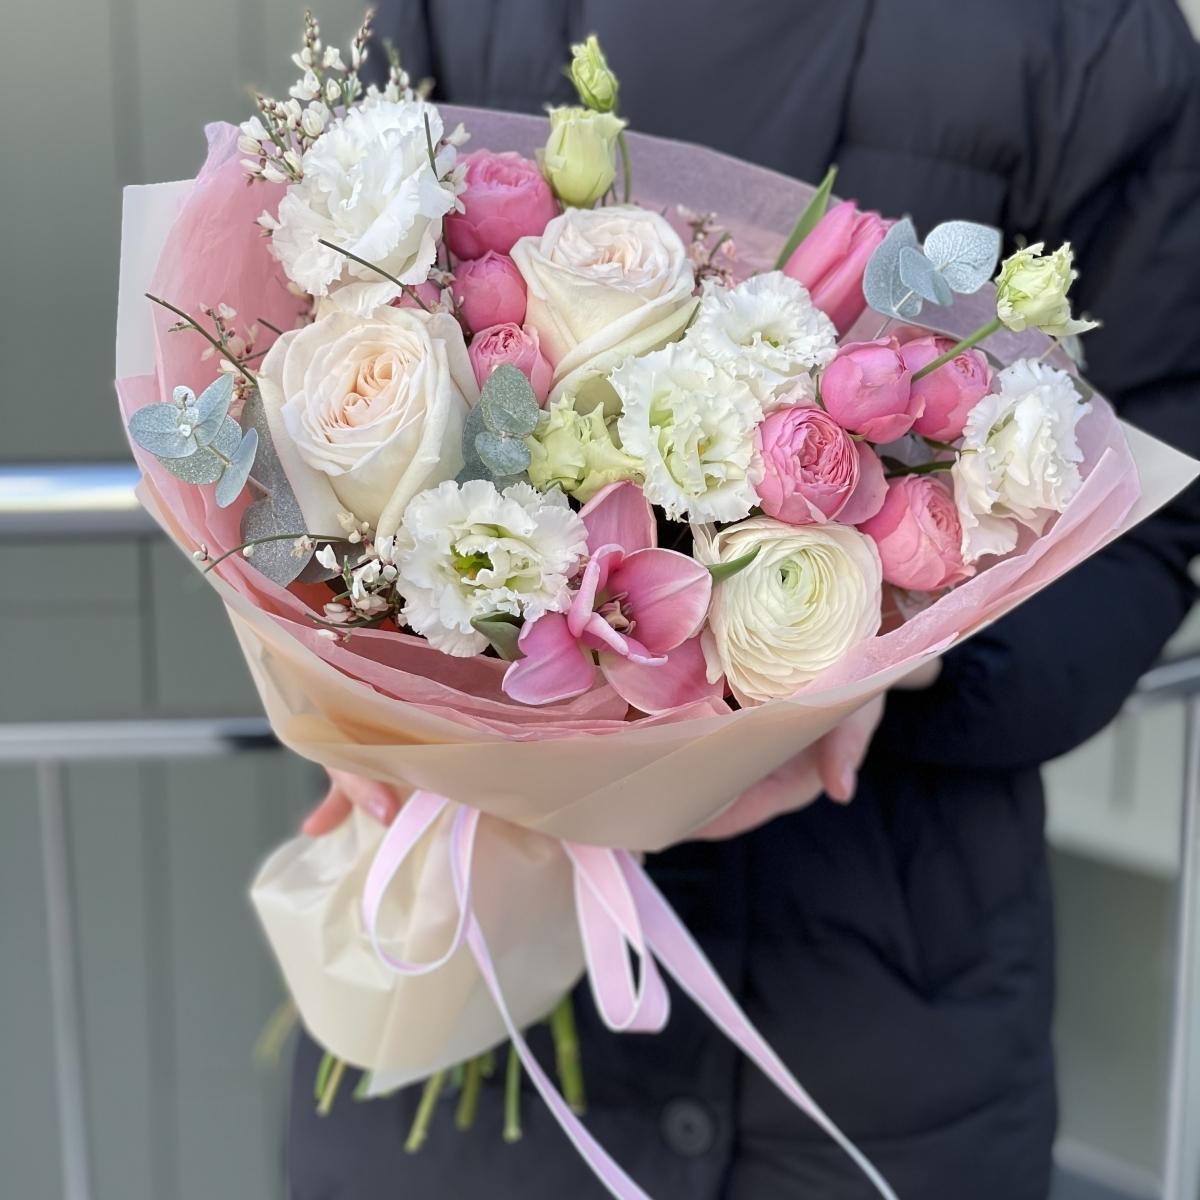 Букет Анабель с розами, тюльпанами, ранункулюсами, эустомой и генистой